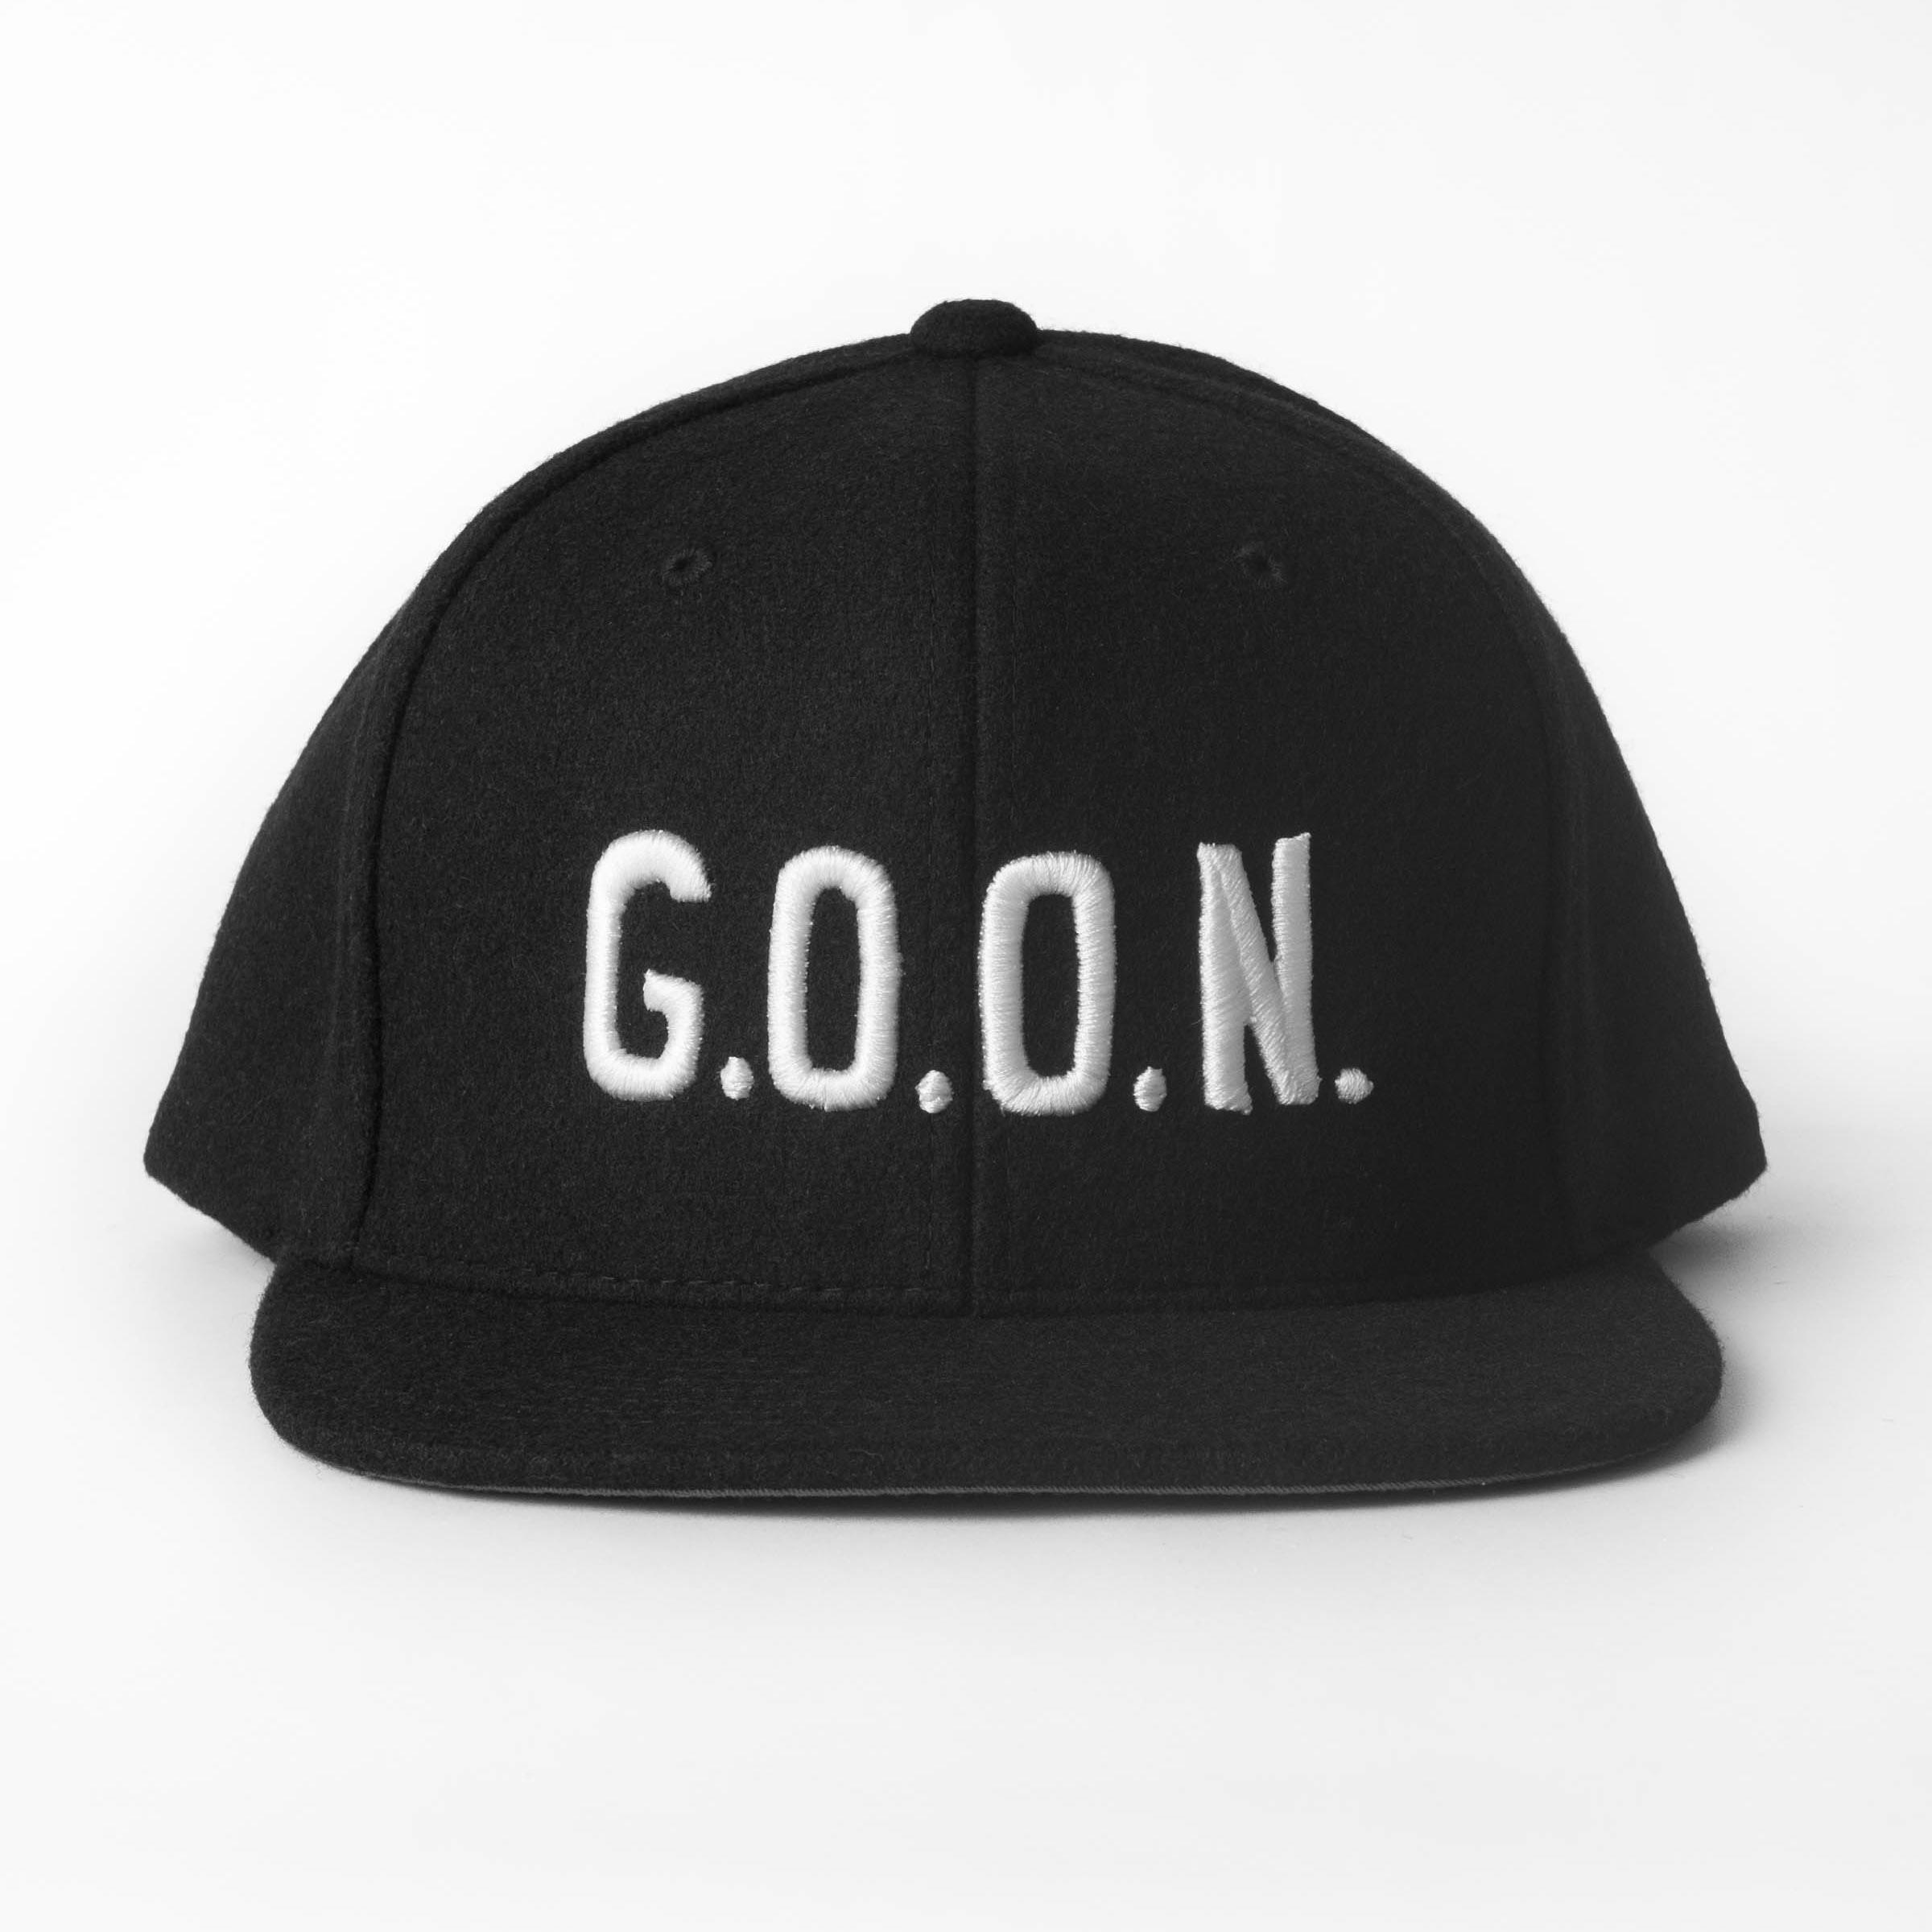 G.O.O.N. Snapback